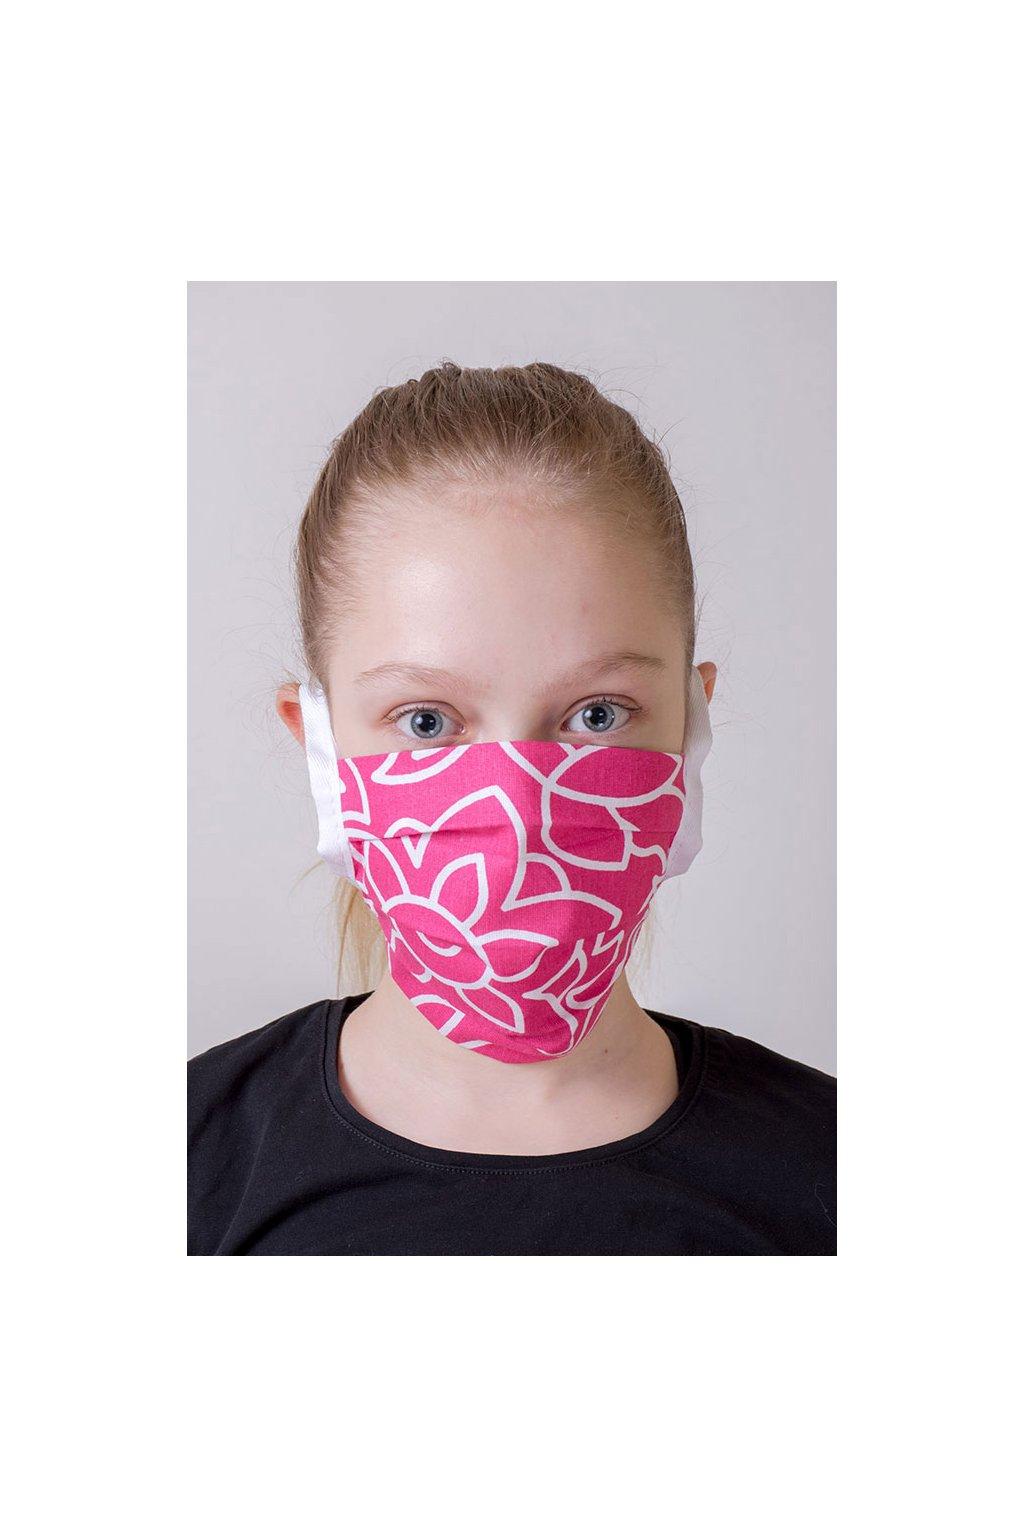 Dětská bavlněná rouška na ústa a nos dvouvrstvá skládaná s kapsou, šňůry z keprové stuhy, 787-149, Růžová